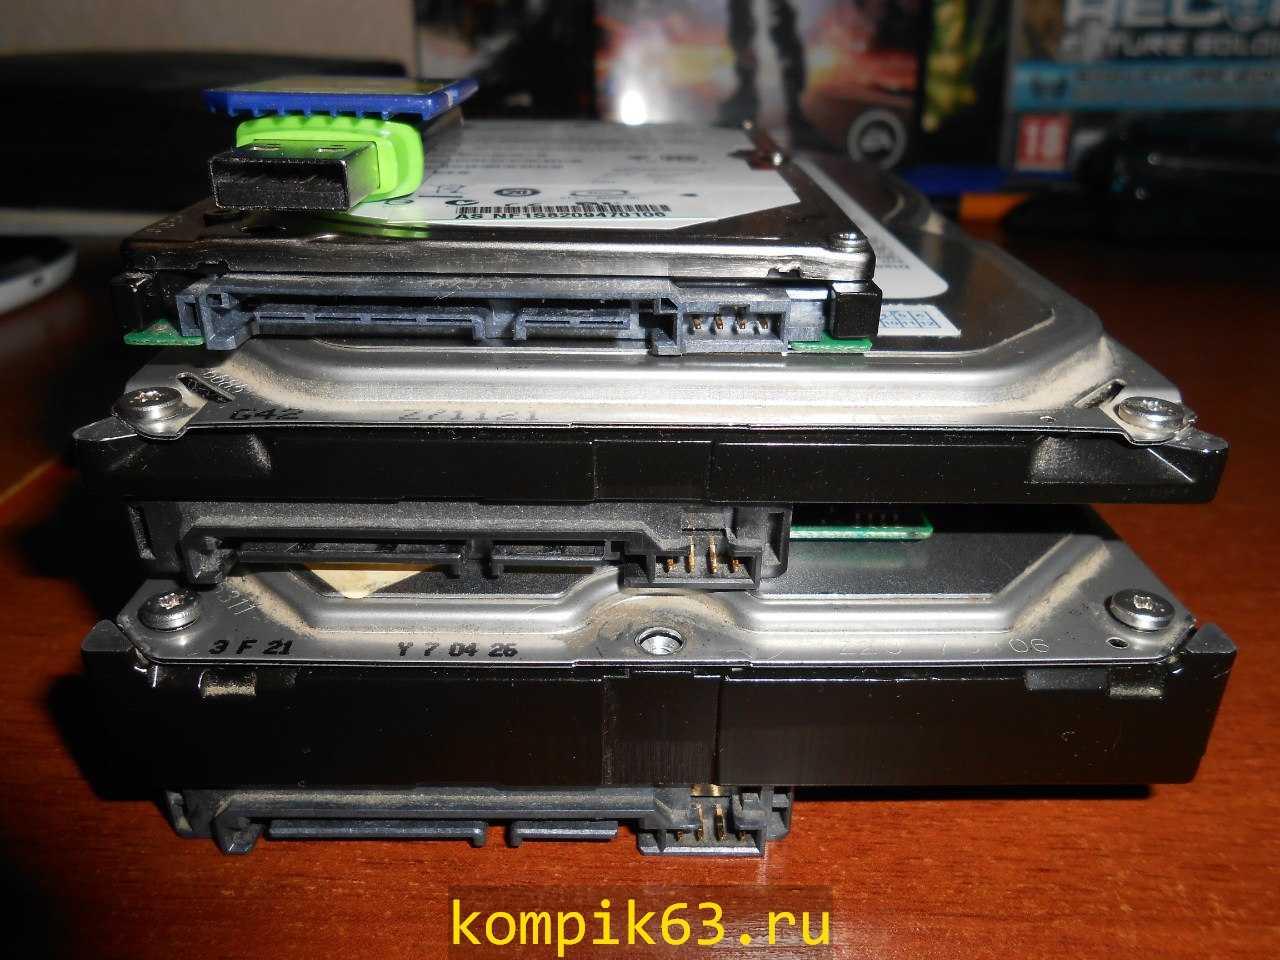 kompik63.ru-105